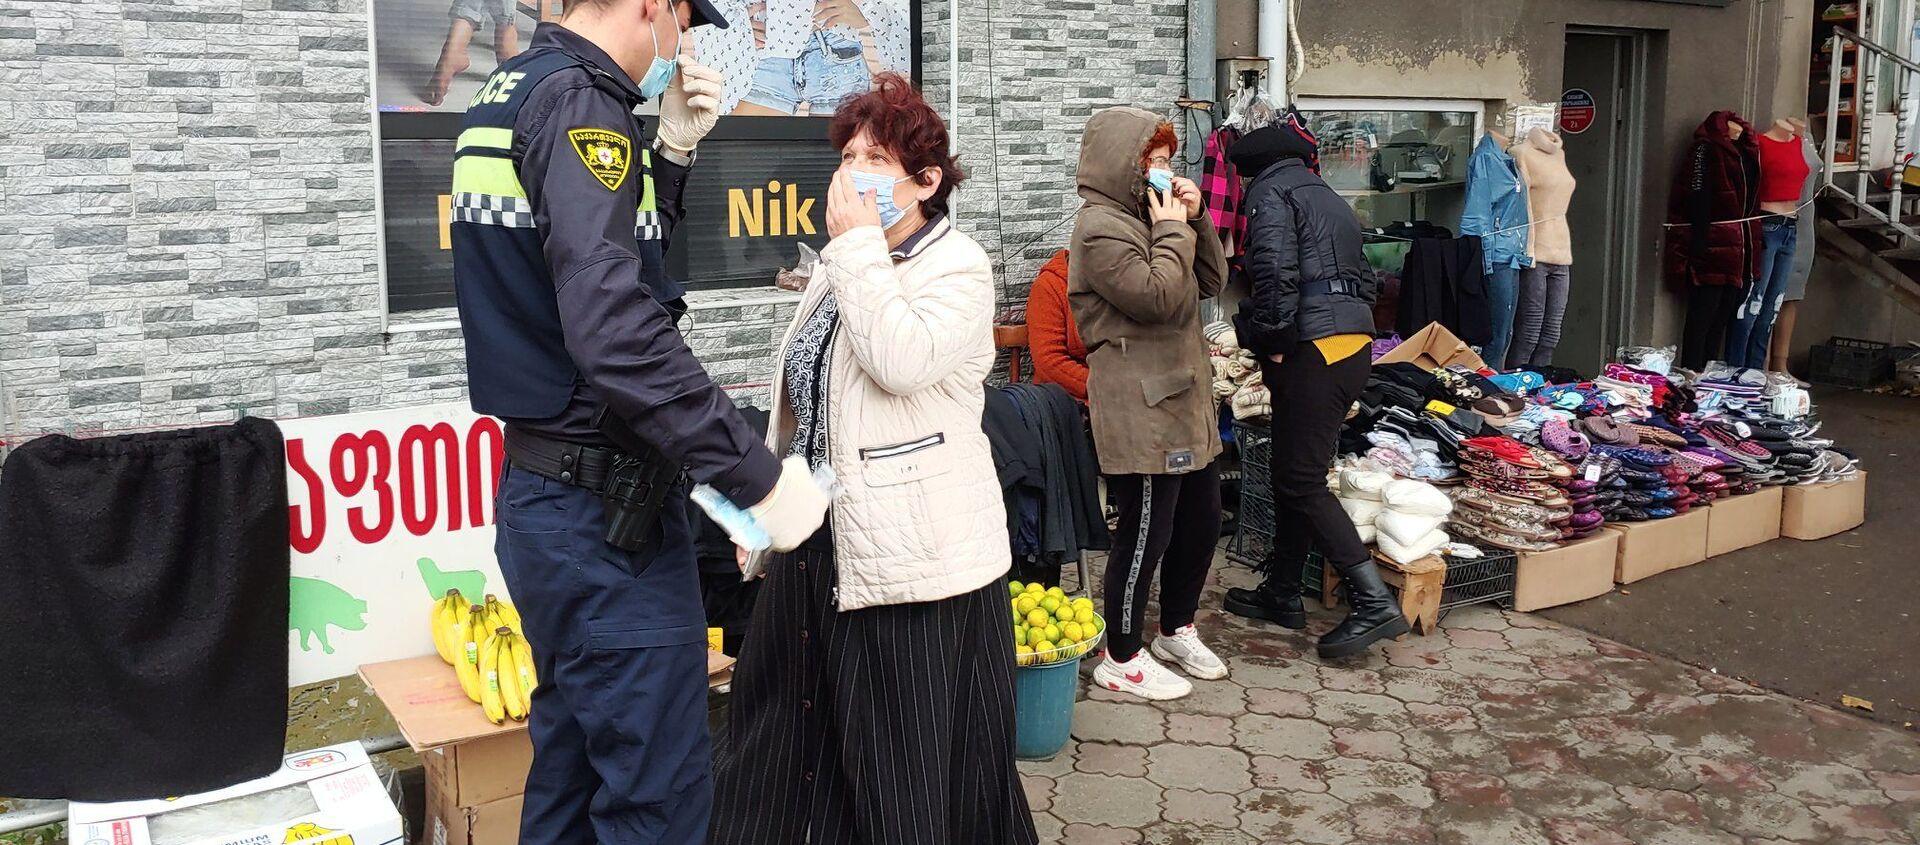 Эпидемия коронавируса - полиция проверяет ношение масок прохожими на улице - Sputnik Грузия, 1920, 18.04.2021